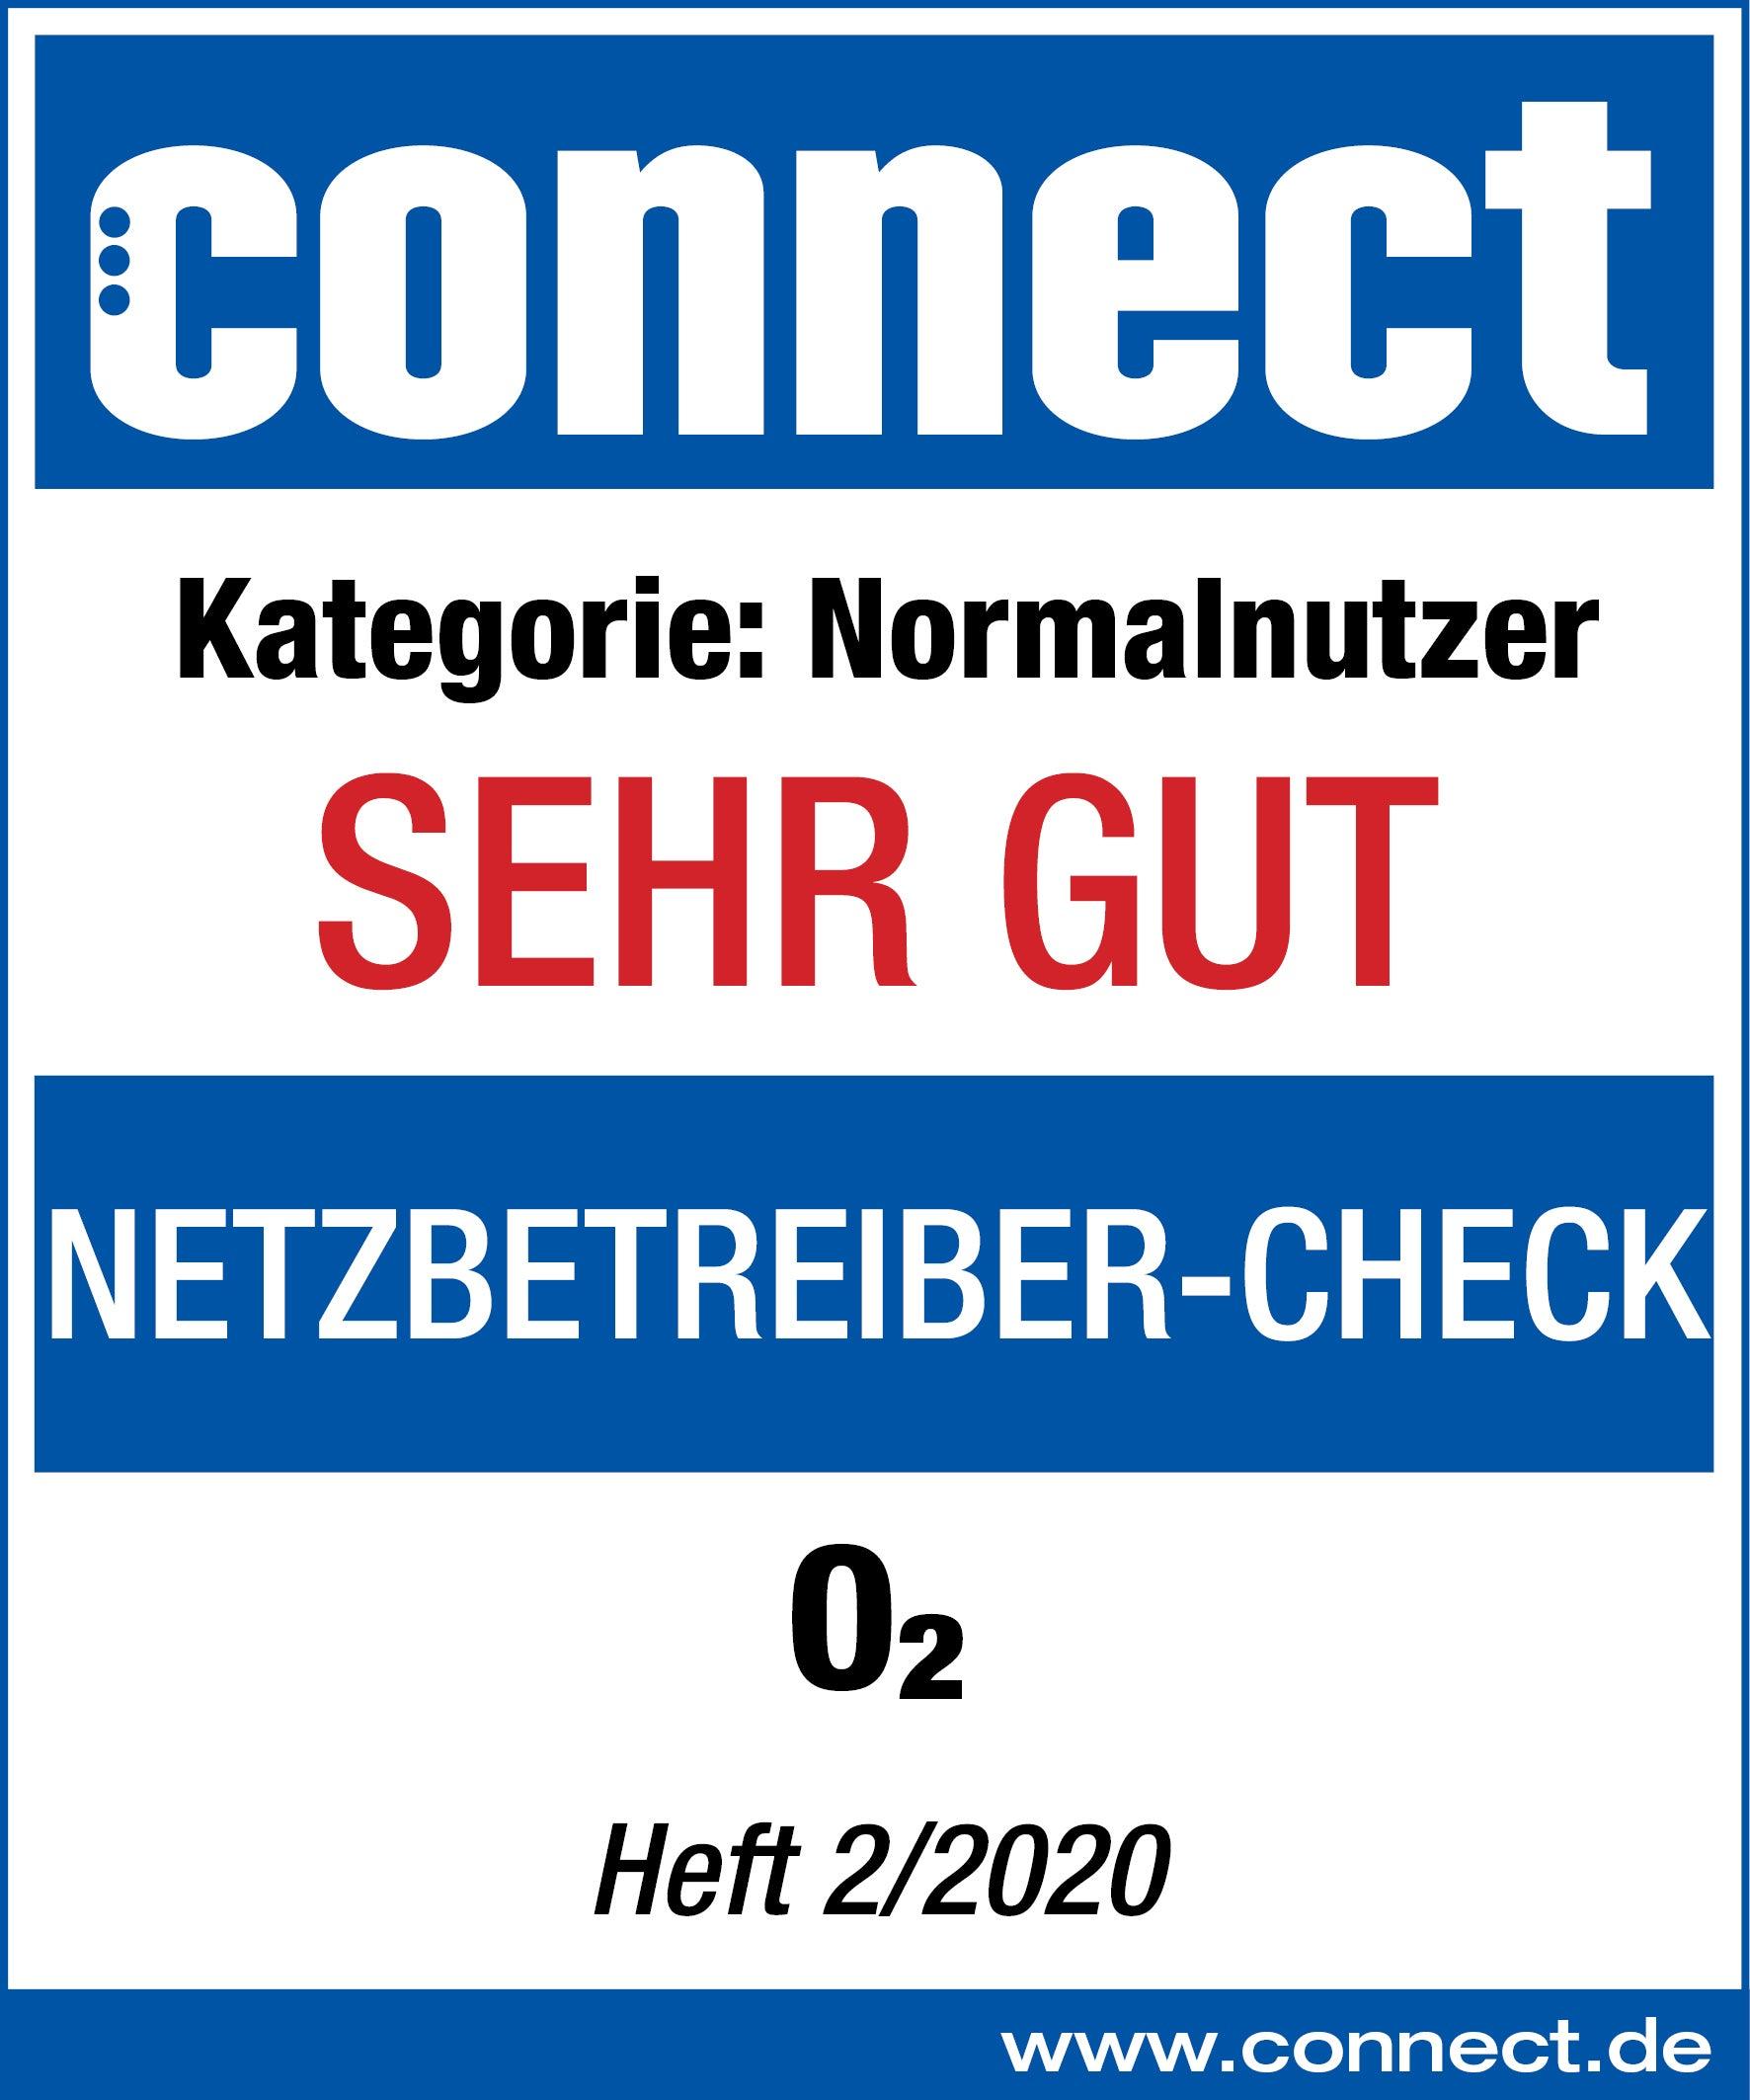 Connect Netzbetreiber-Check Siegel o2